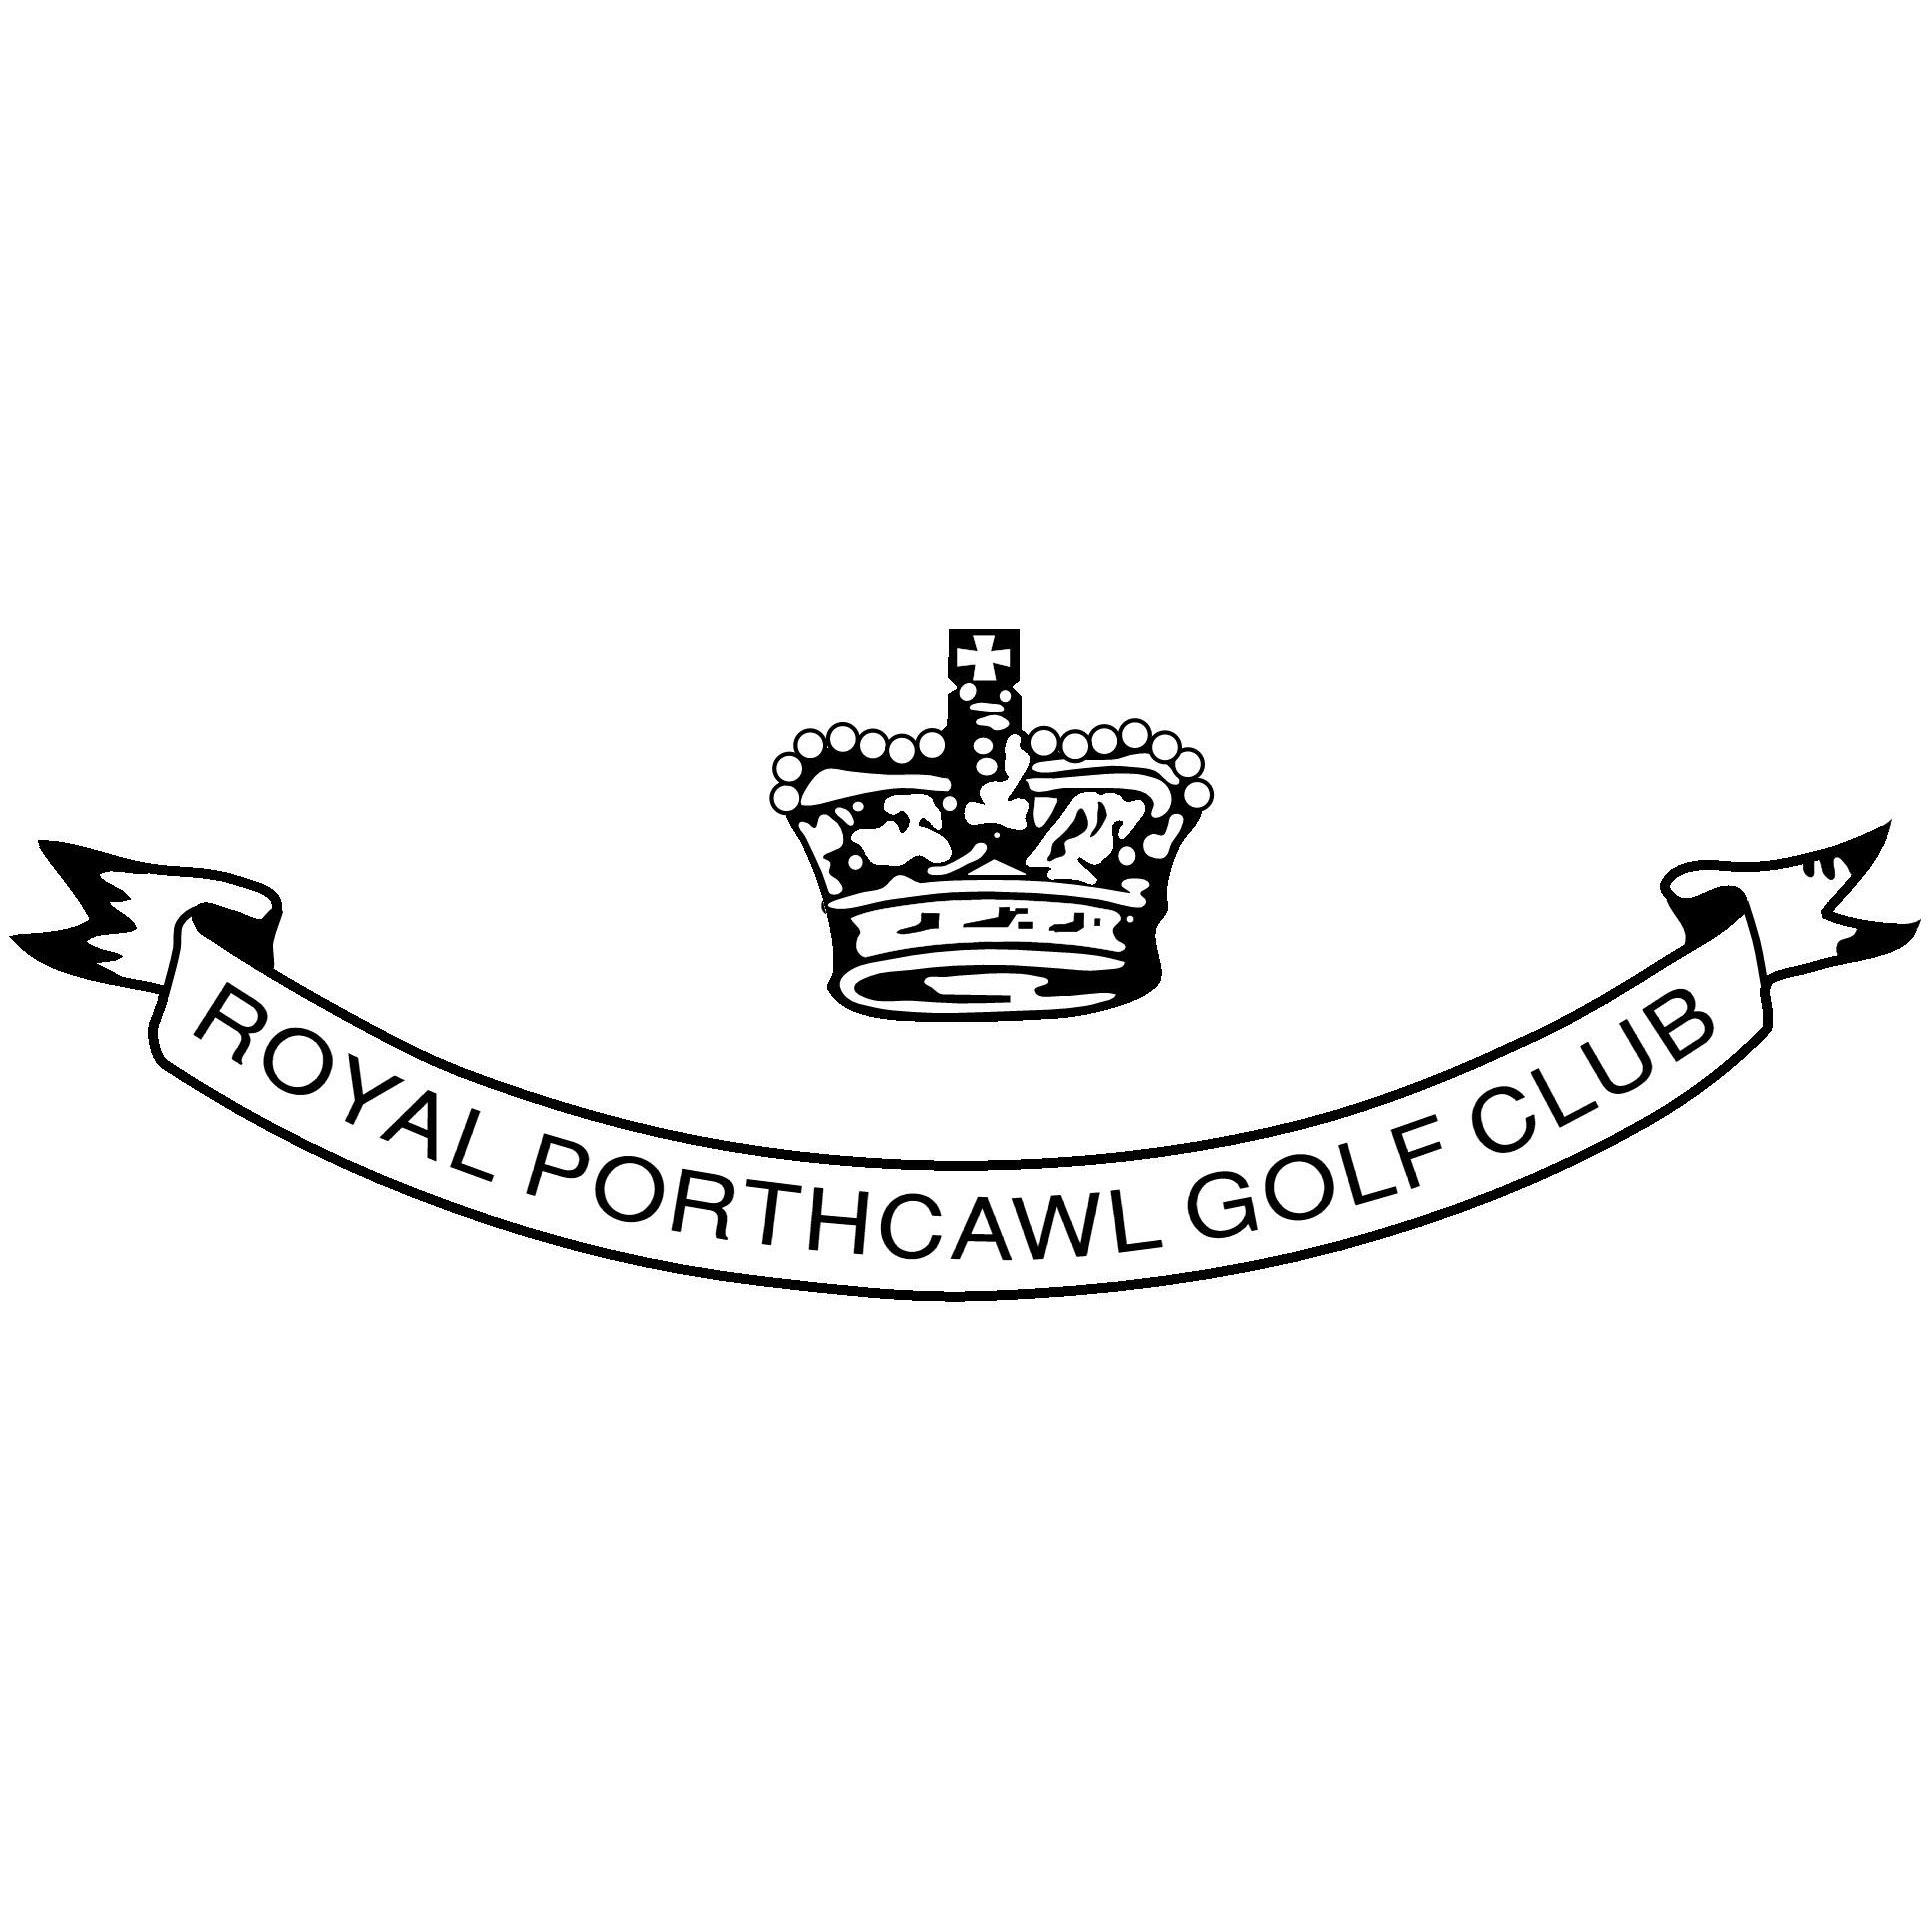 Logo of golf course named Royal Porthcawl Golf Club